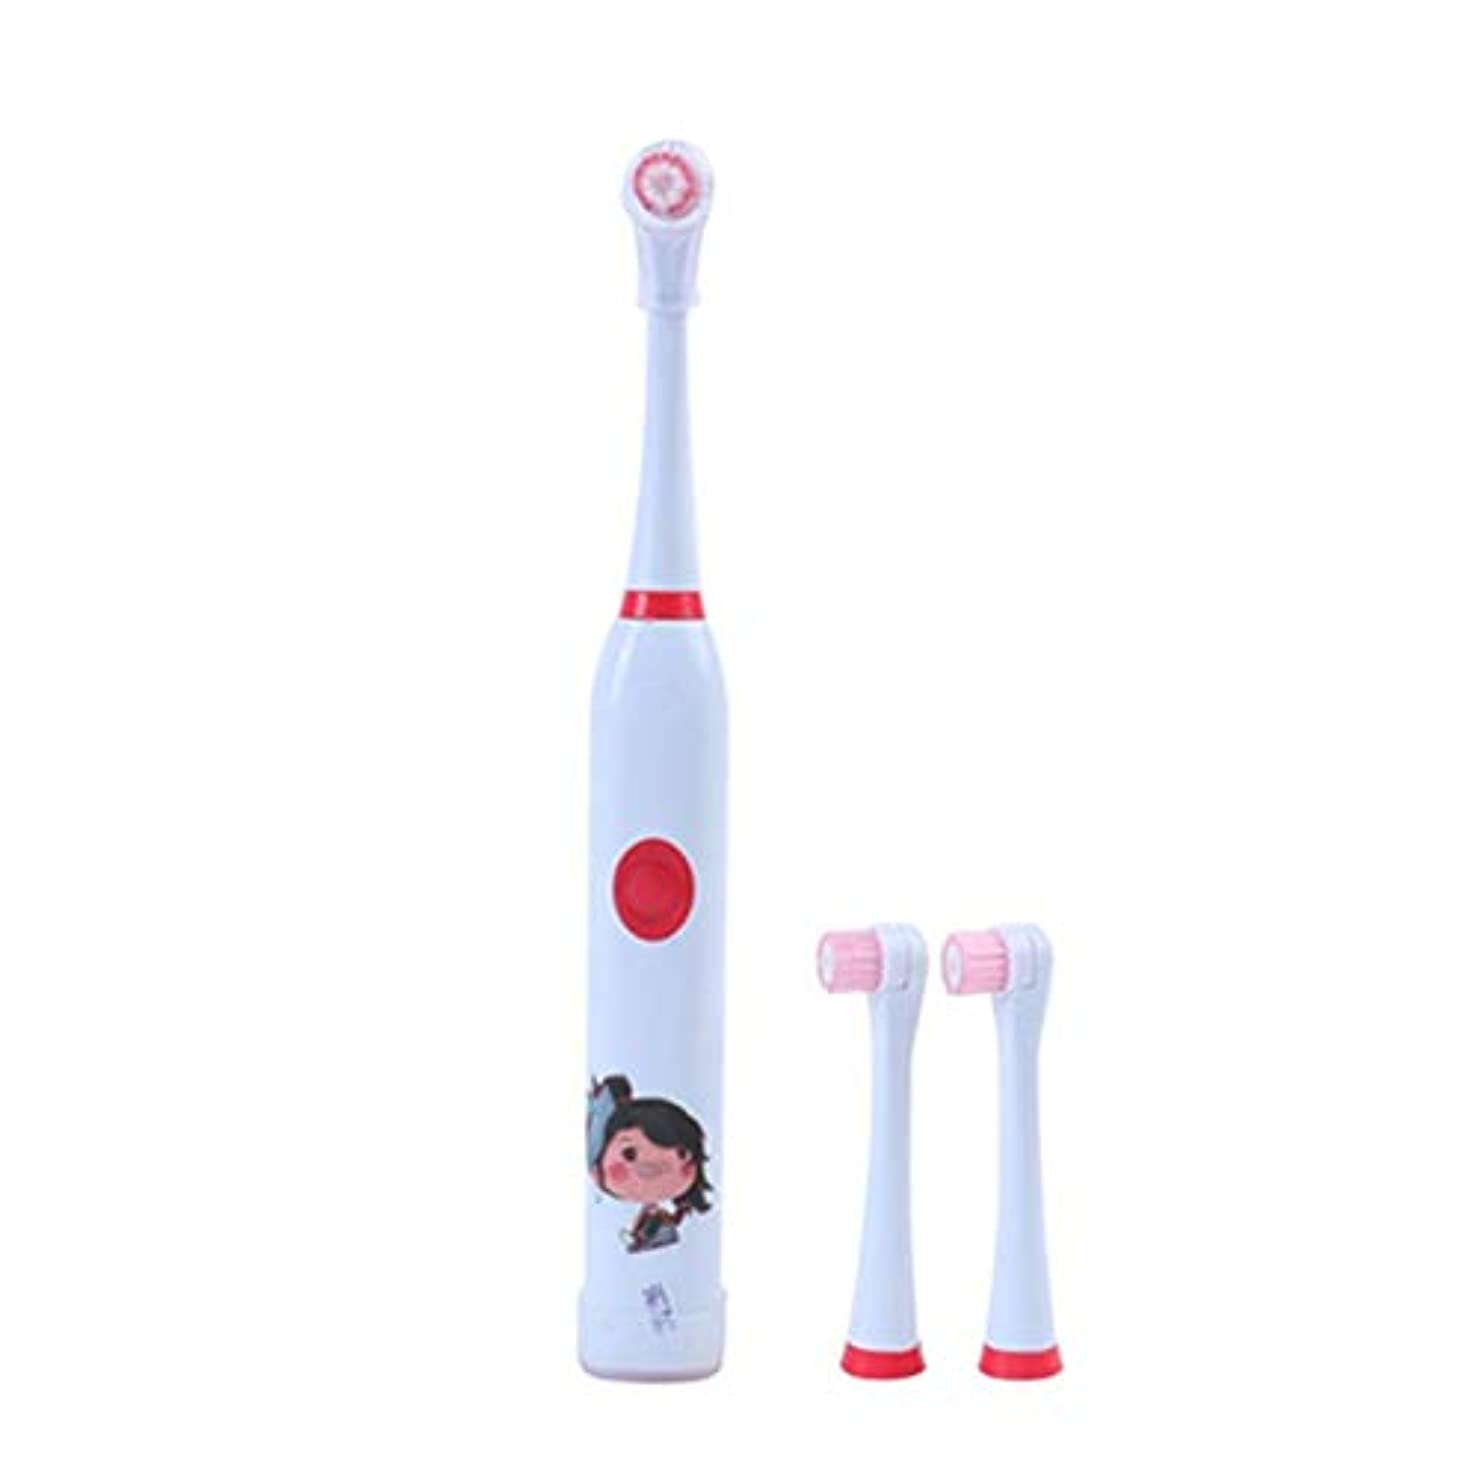 風変わりな伴う迫害電動歯ブラシ 毎日の使用のための子供の電動歯ブラシUSB充電式ホワイトニング歯ブラシ 大人と子供向け (色 : 赤, サイズ : Free size)